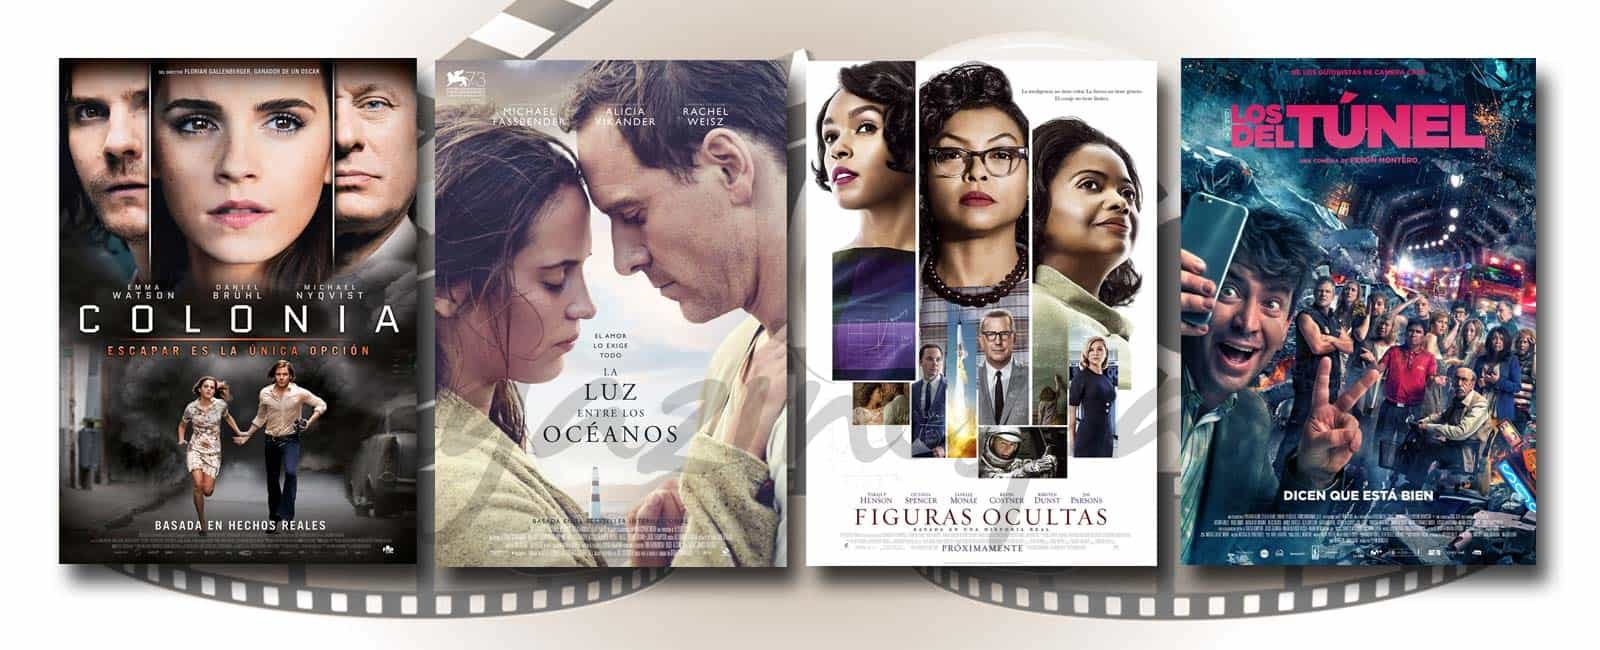 Estrenos de Cine de la Semana… 20 de Enero 2017